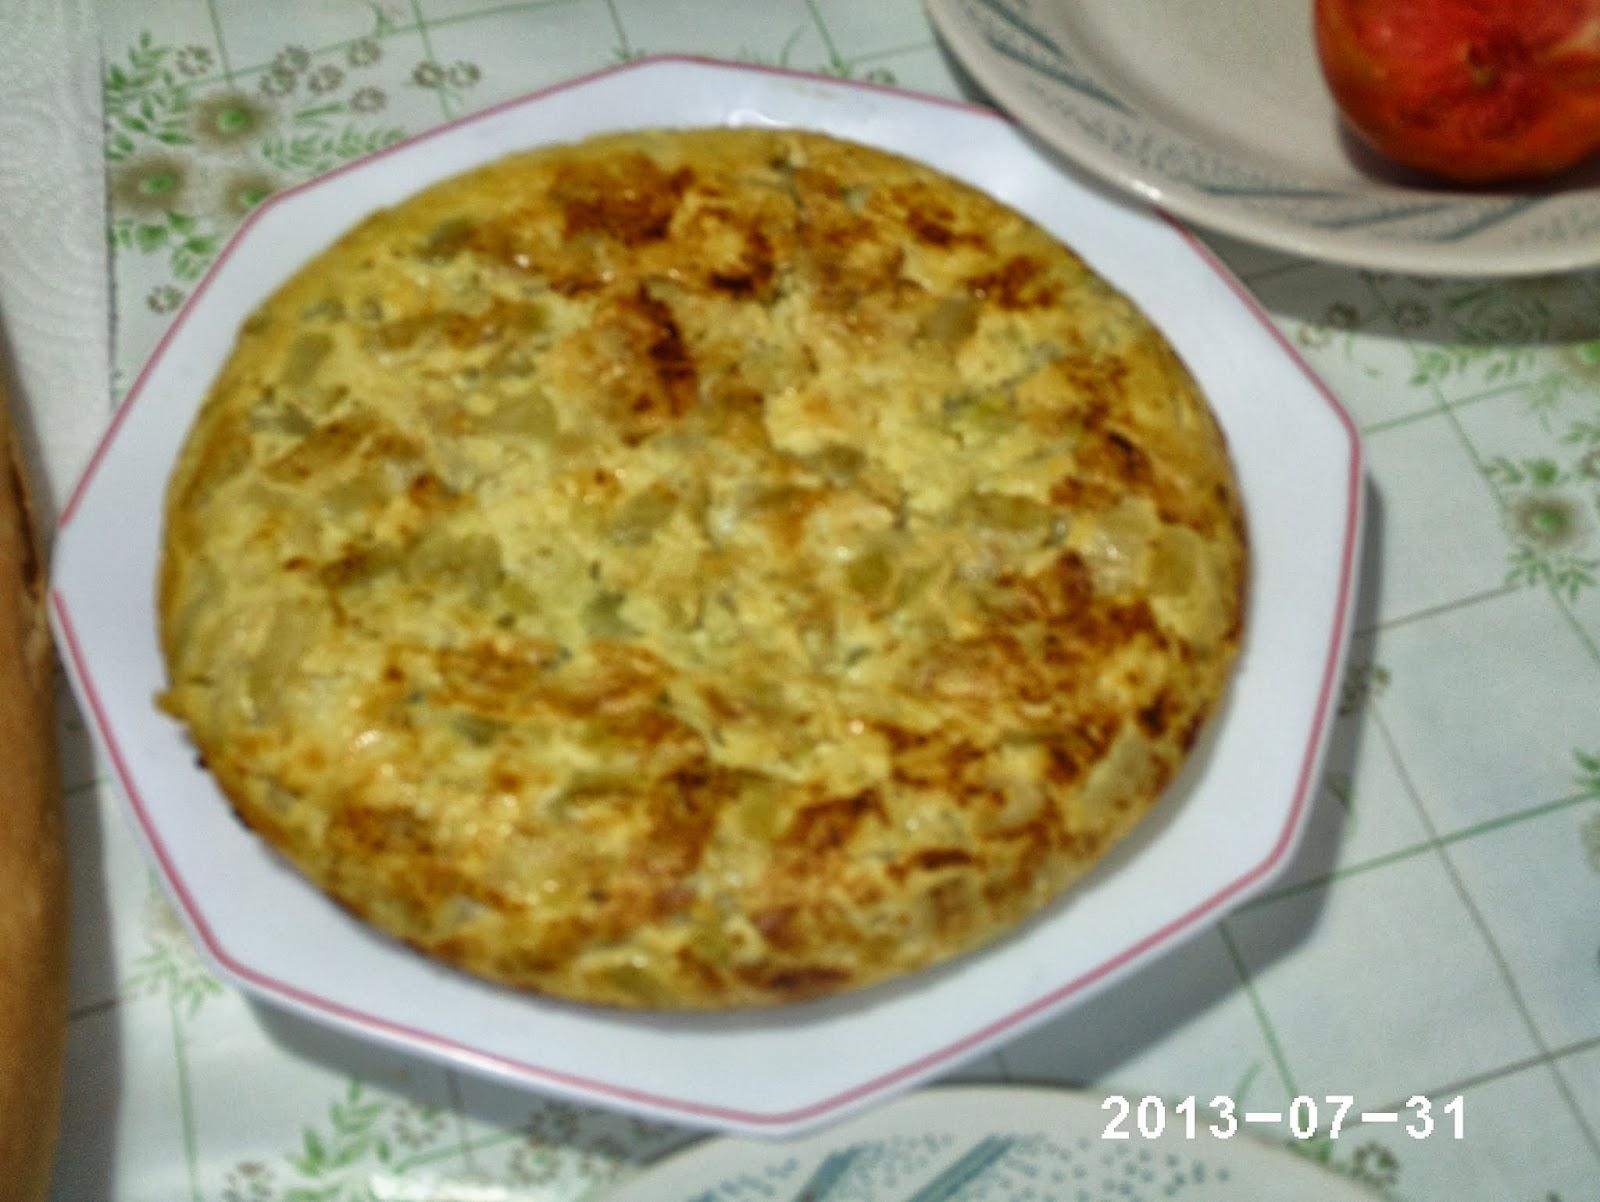 Recetas de mi pueblo y m s tortilla de calabac n patata - Tortilla de calabacin y cebolla ...